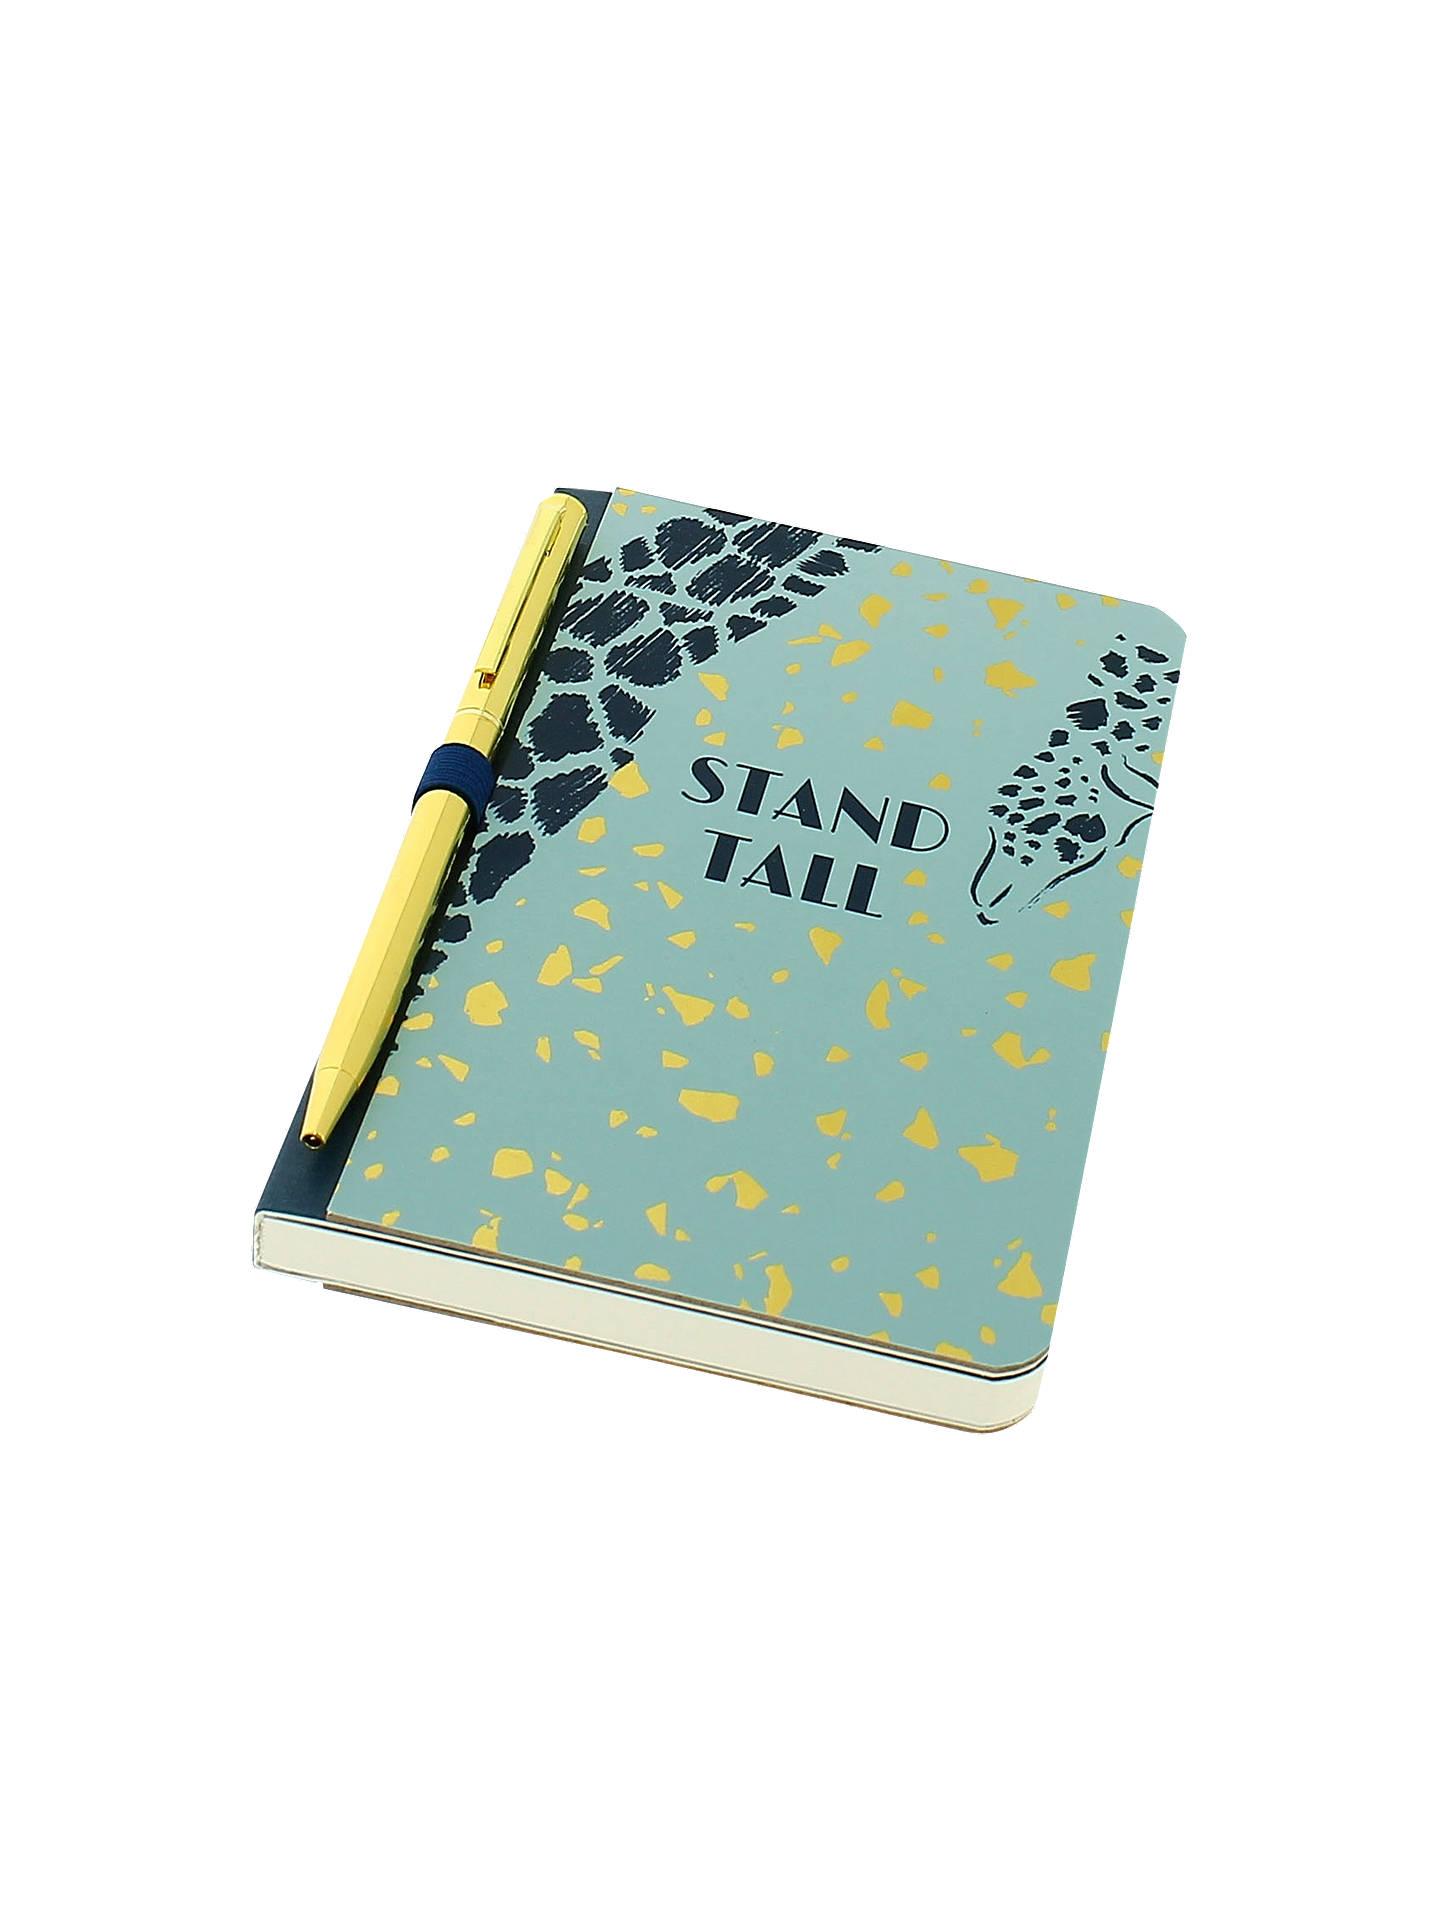 547b760f177 Buy John Lewis   Partners Stand Tall Giraffe Notebook   Pen Online at  johnlewis. ...